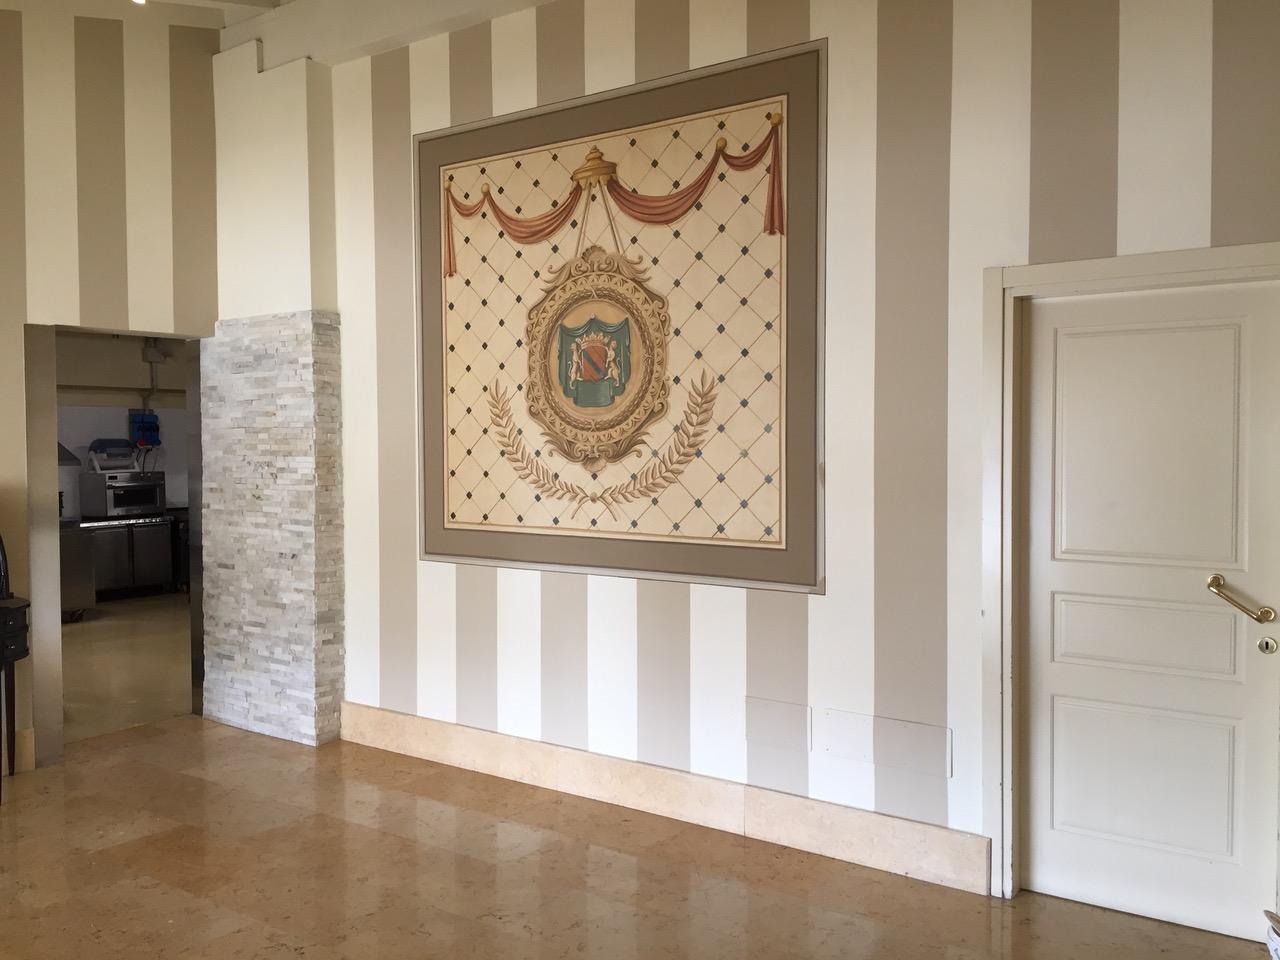 Decorazioni pittoriche per interne ed esterni bianchi - Decorazioni pittoriche ...